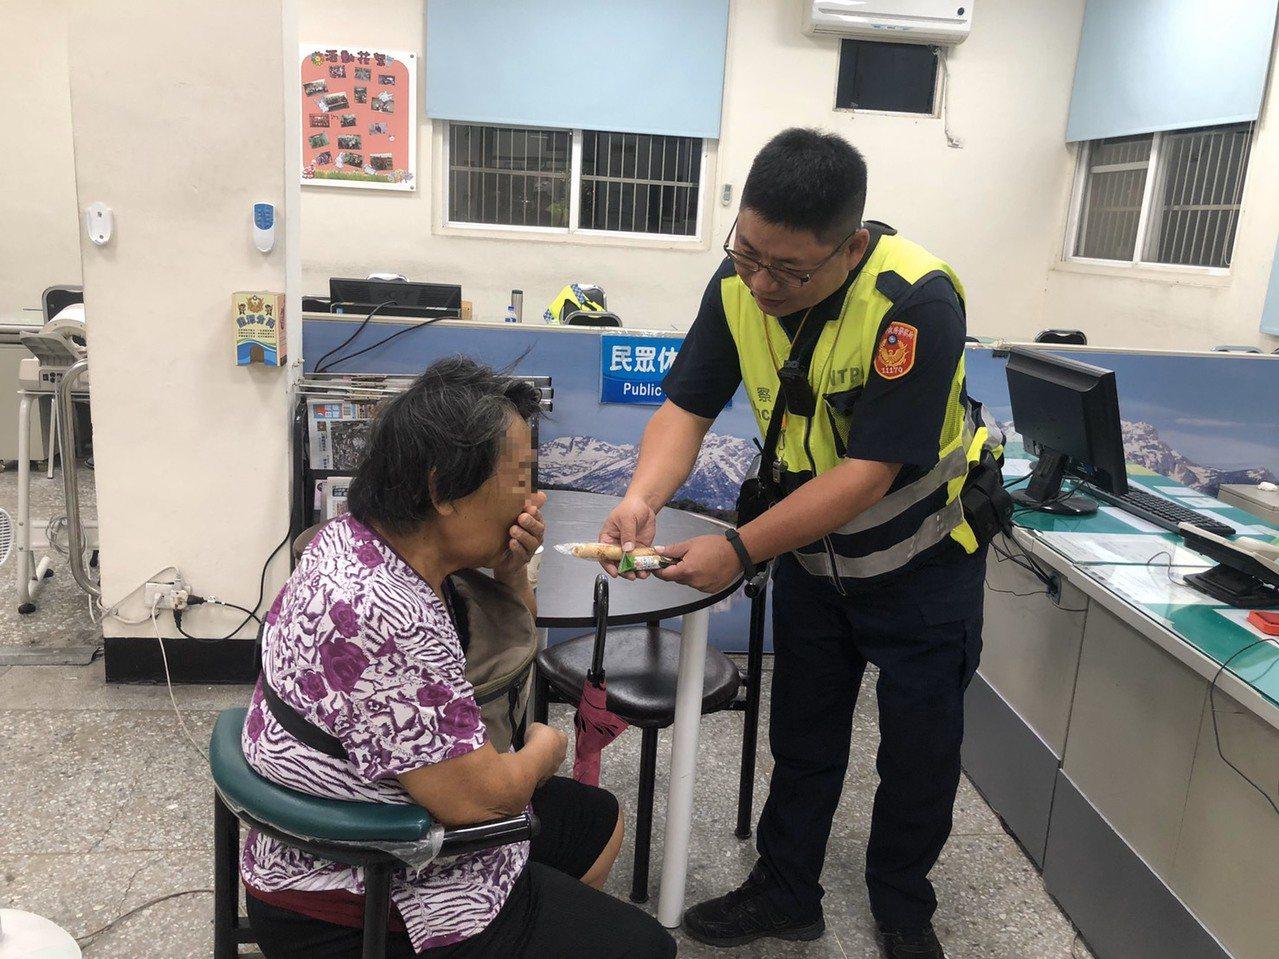 68歲陳姓老婦因思念亡夫,獨自在超商顧客休息區哭泣,警獲報將她帶返警局安撫情緒,...